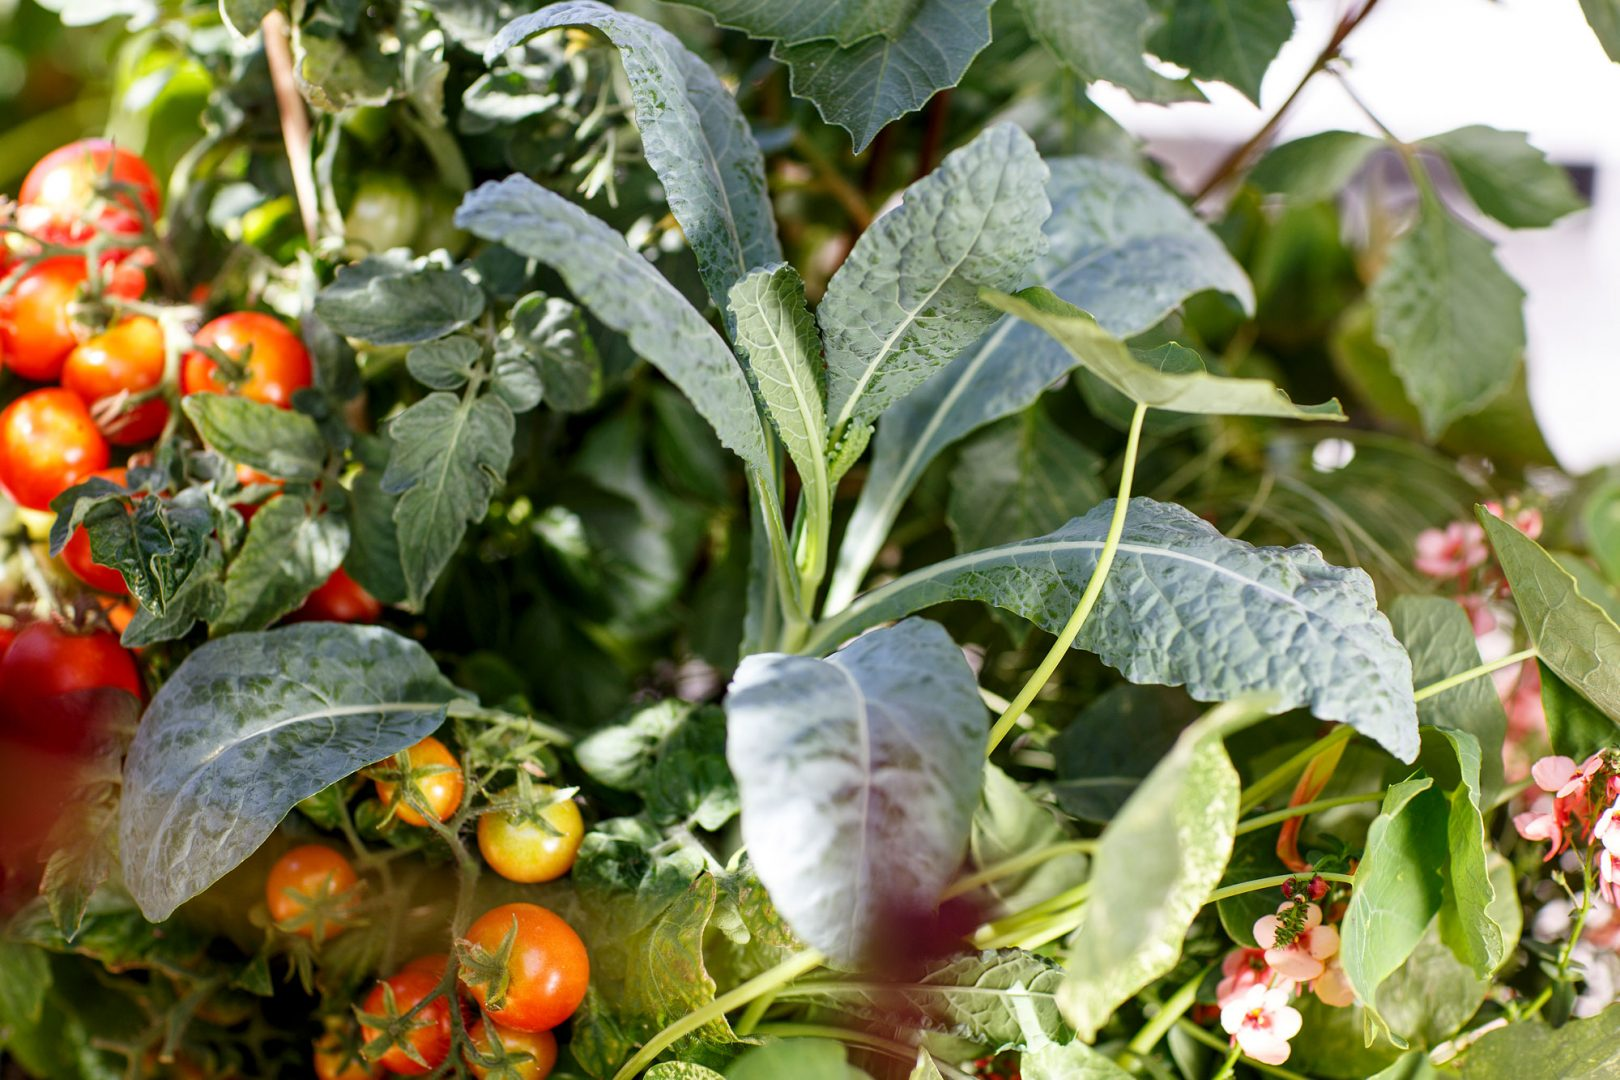 Kekkilä tomaattien kasvatus kasvimaa puutarhassa